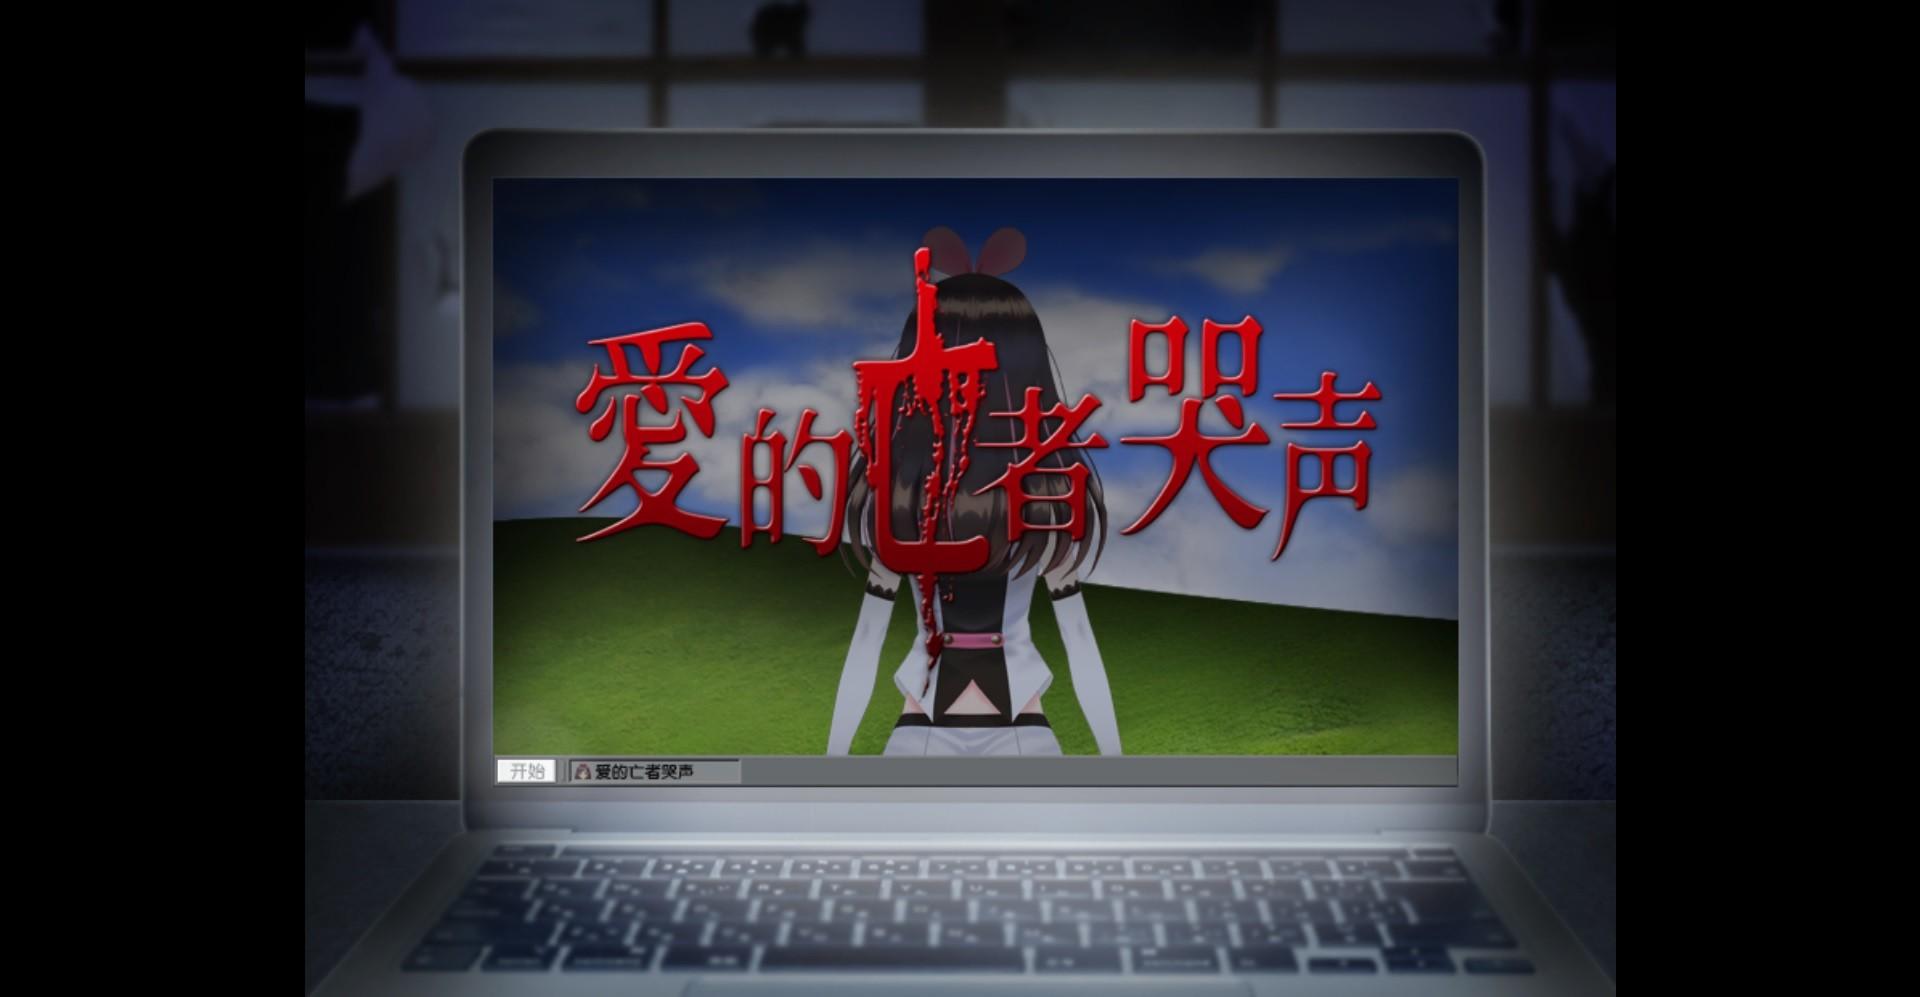 翌日-全系列合辑-Build.7177630-(官中)-百度云盘插图7